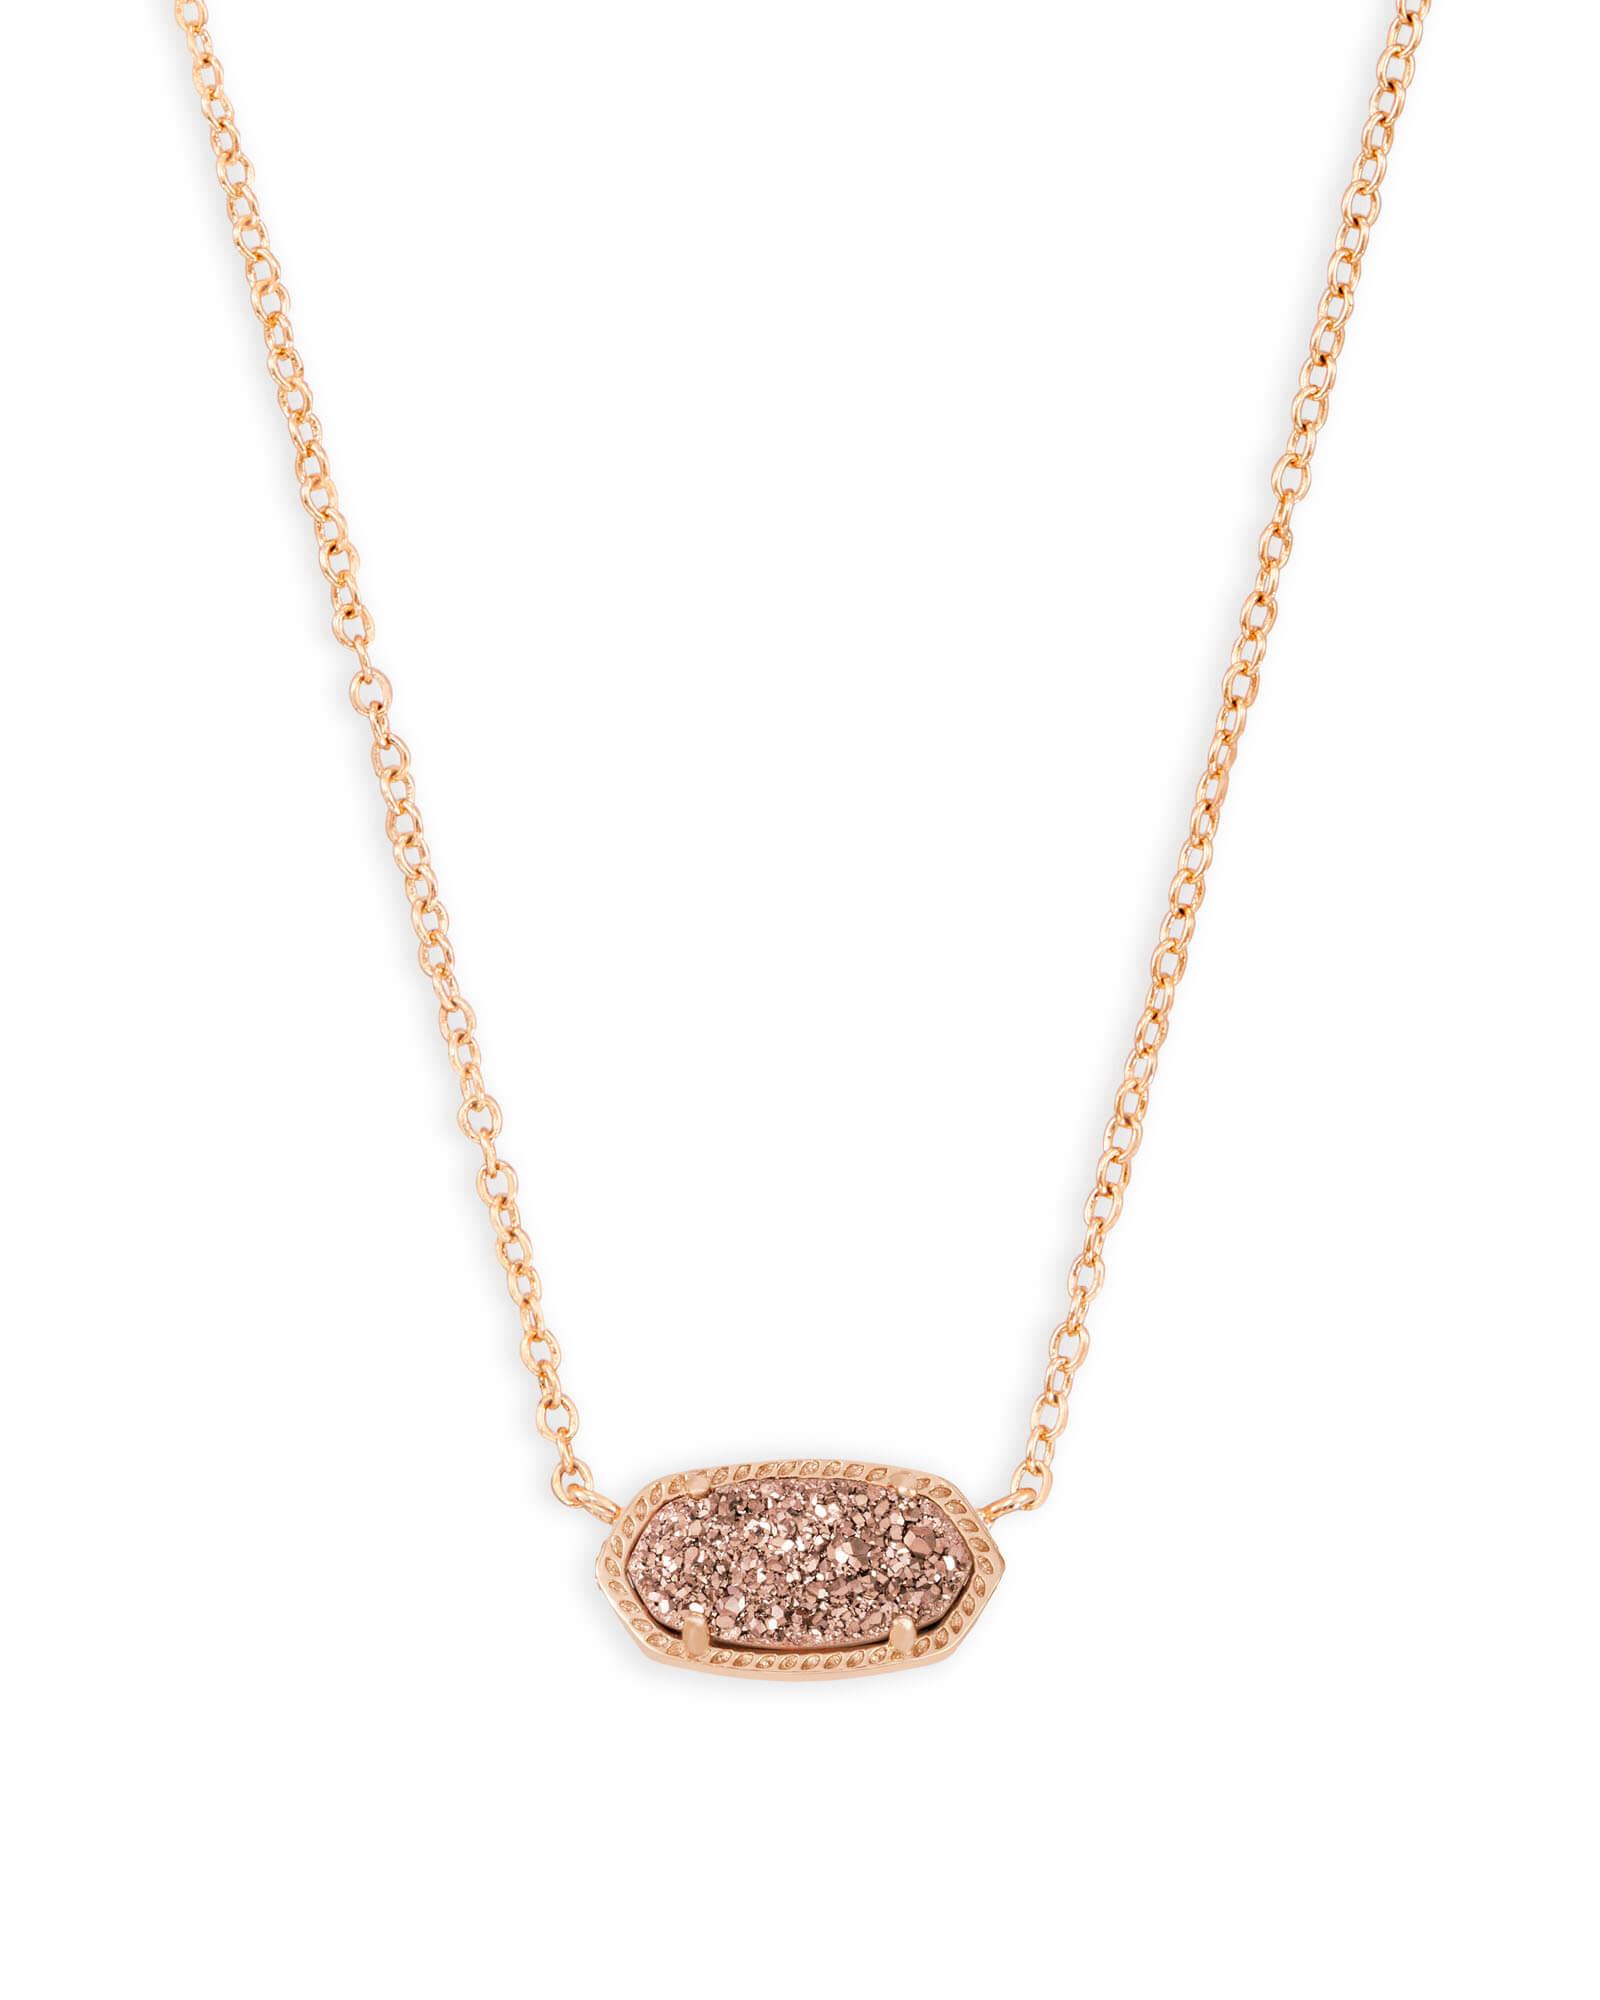 kendra-scott-elisa-rose-gold-pendant-necklace-in-rose-gold-drusy_00_default_lg.jpg